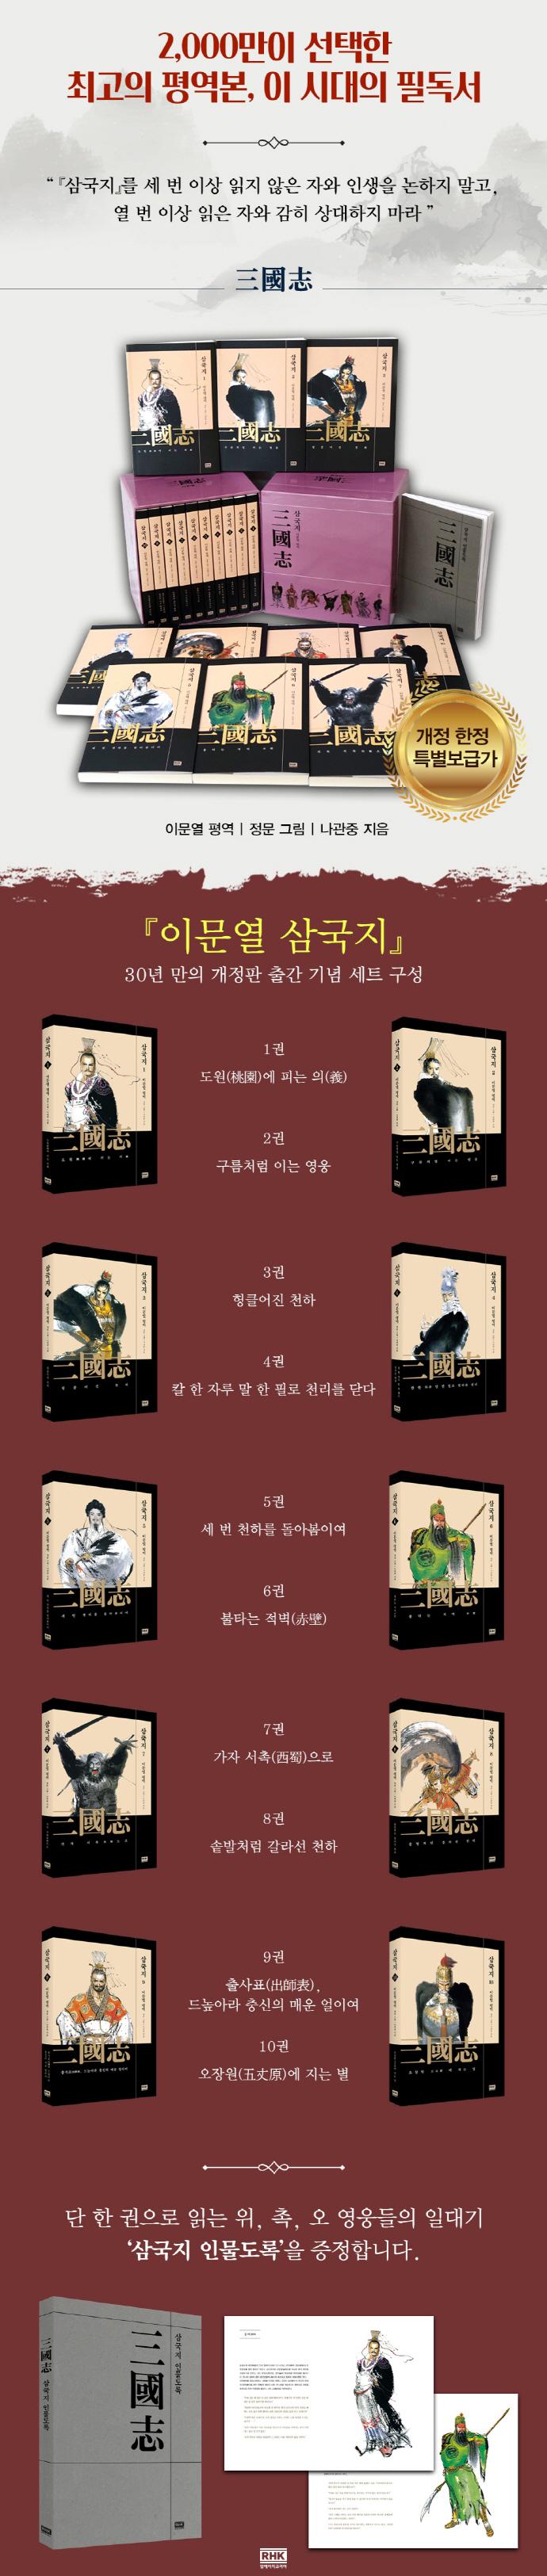 이문열 삼국지 세트(특별 한정 보급판)(전10권) 도서 상세이미지